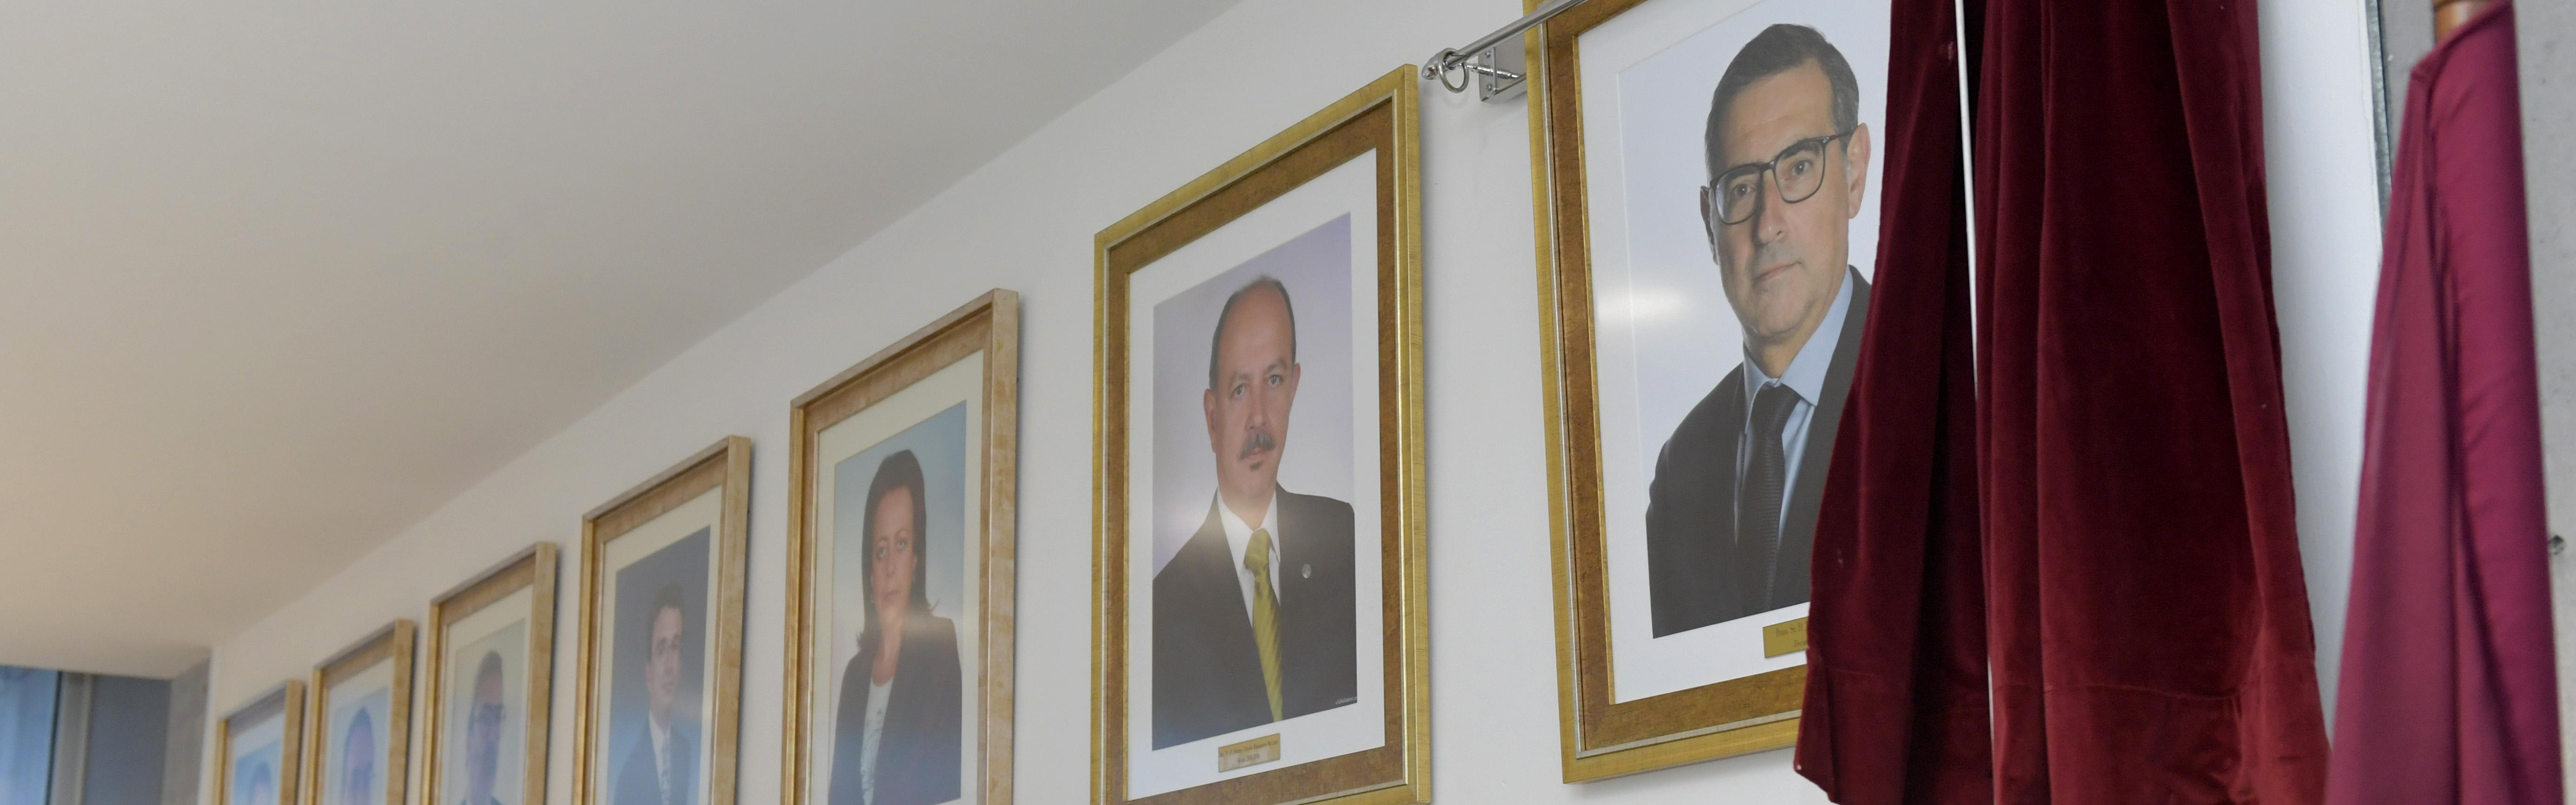 La Facultad de Ciencias del Trabajo cuelga el retrato de José Luján en su galería de decanos